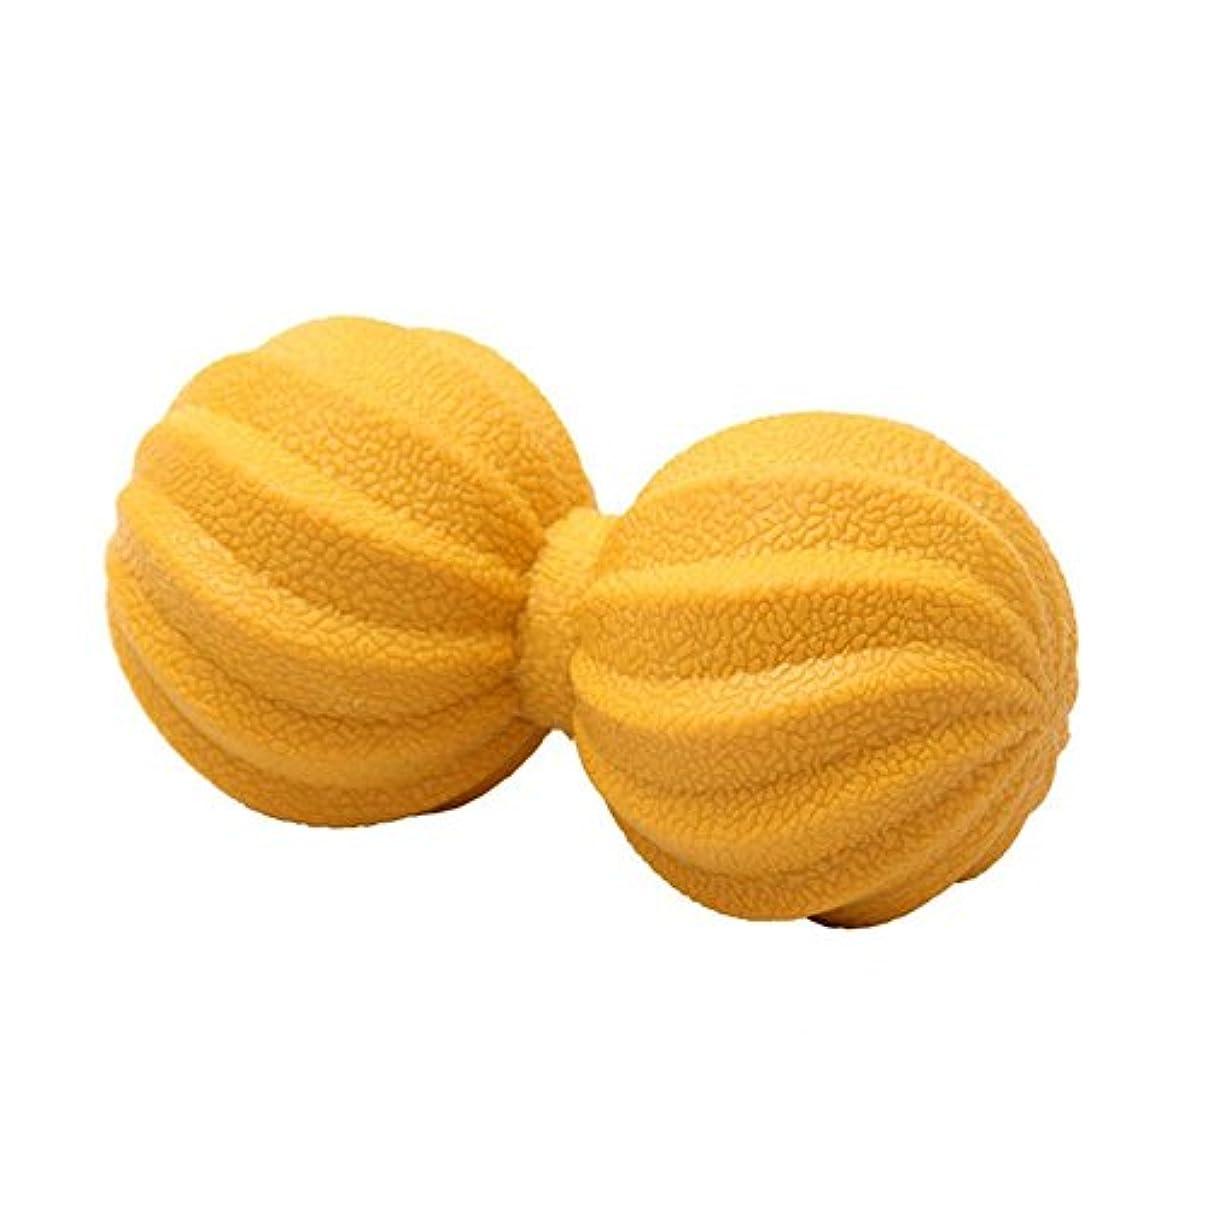 一人でパーフェルビッド寄生虫マッサージボール TPE 痛み緩和 ホッケーボール 肩/背中/腰/ふくらはぎ/足裏 筋膜リリース 血液循環